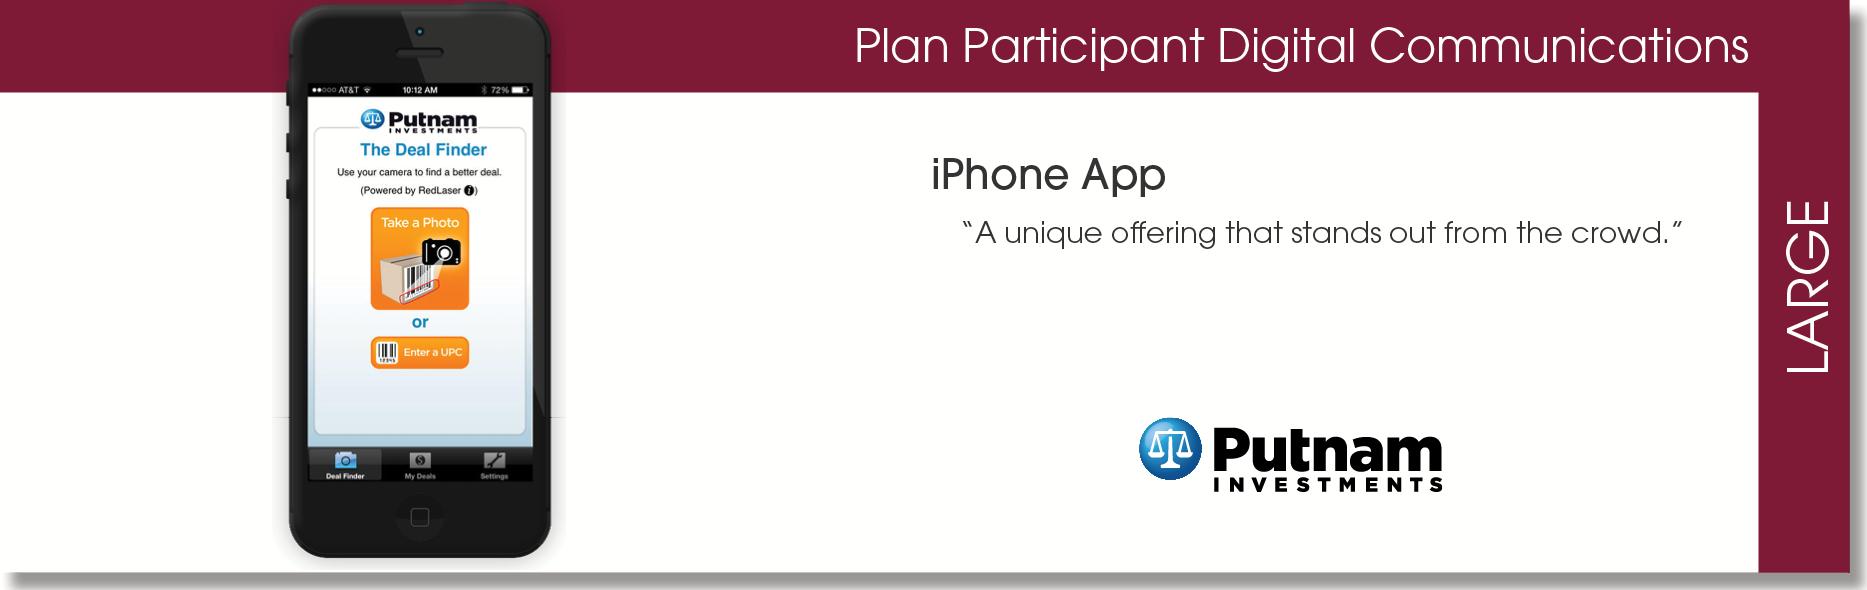 Large Plan Winner Image5